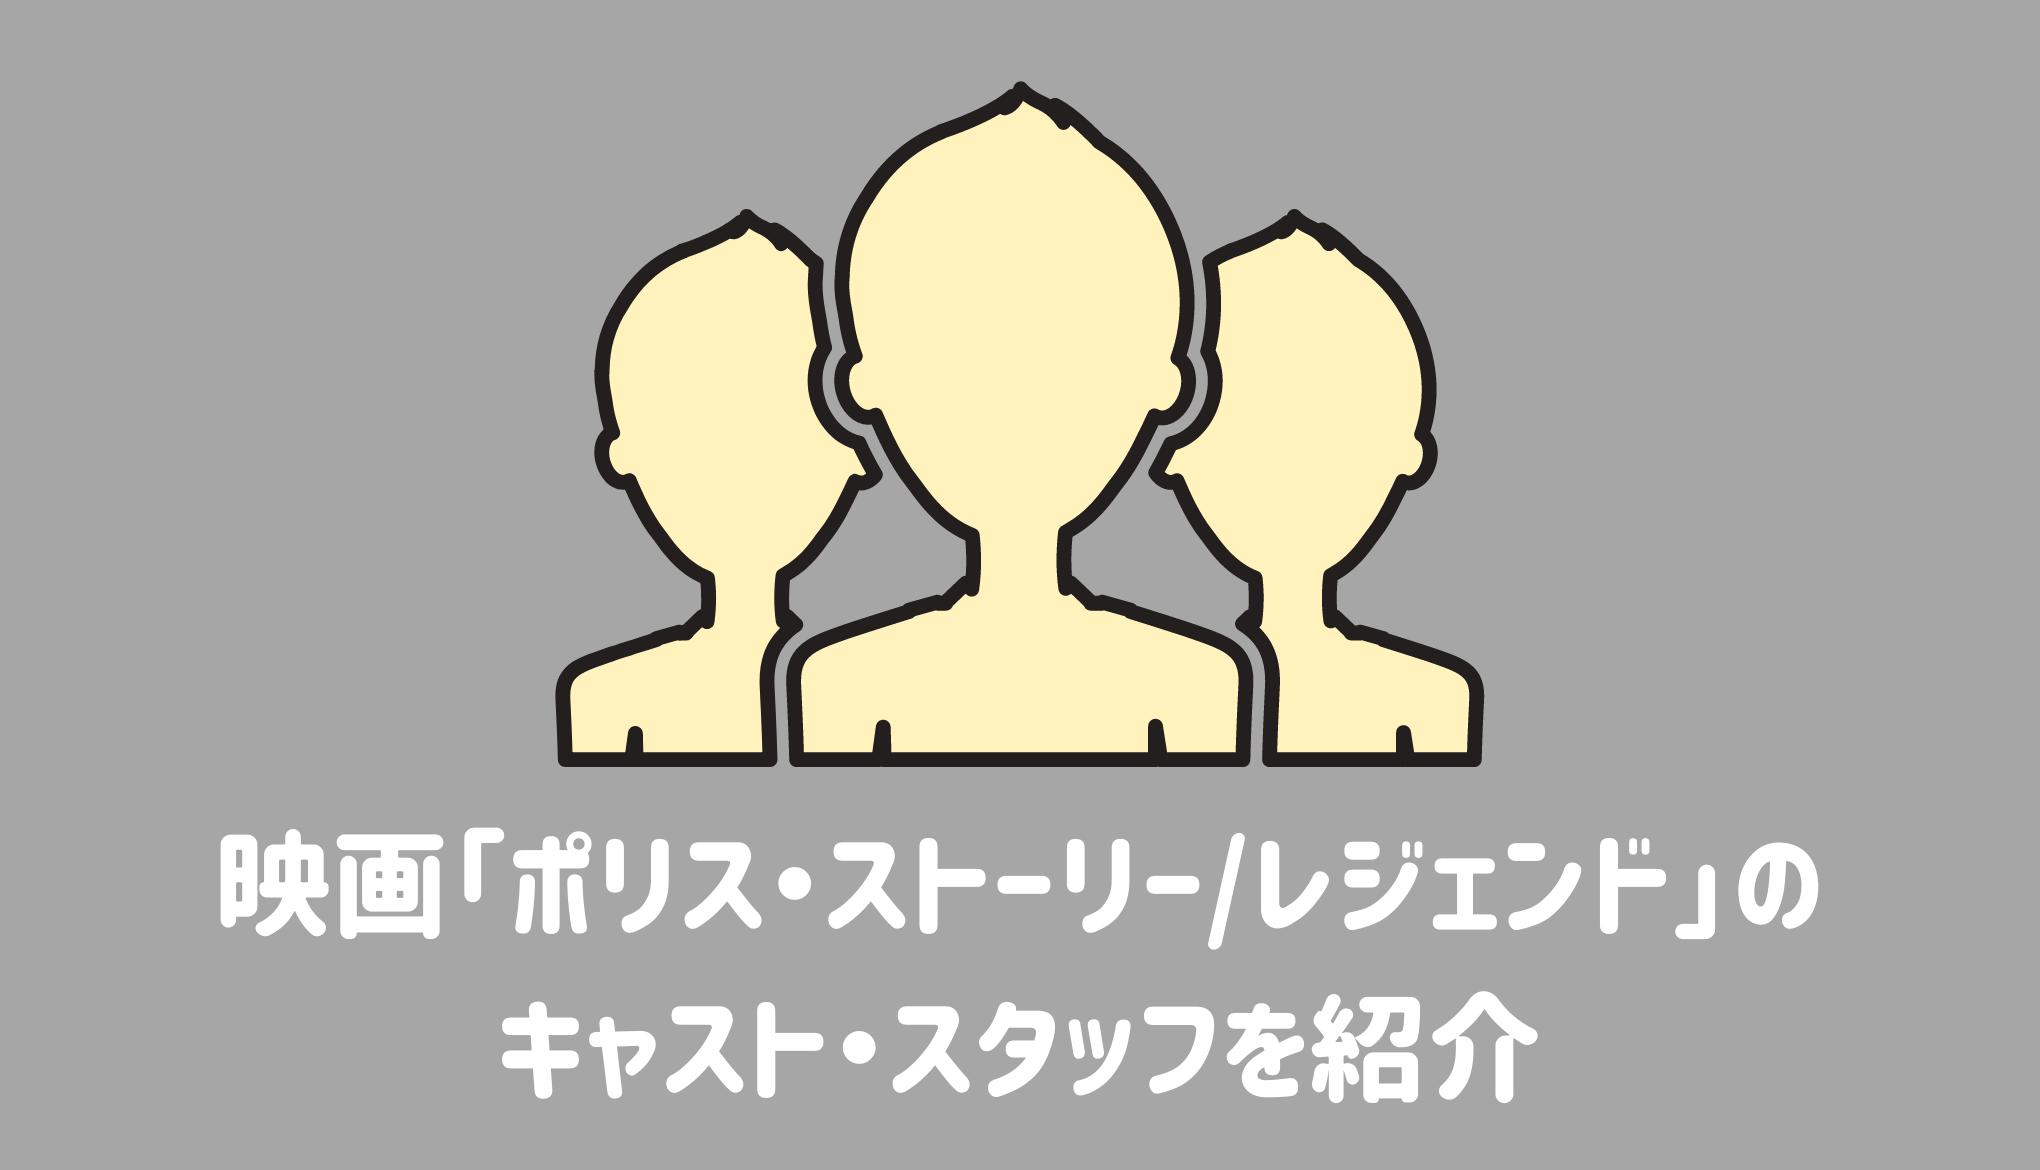 映画「ポリス・ストーリー/レジェンド」のキャスト・スタッフ